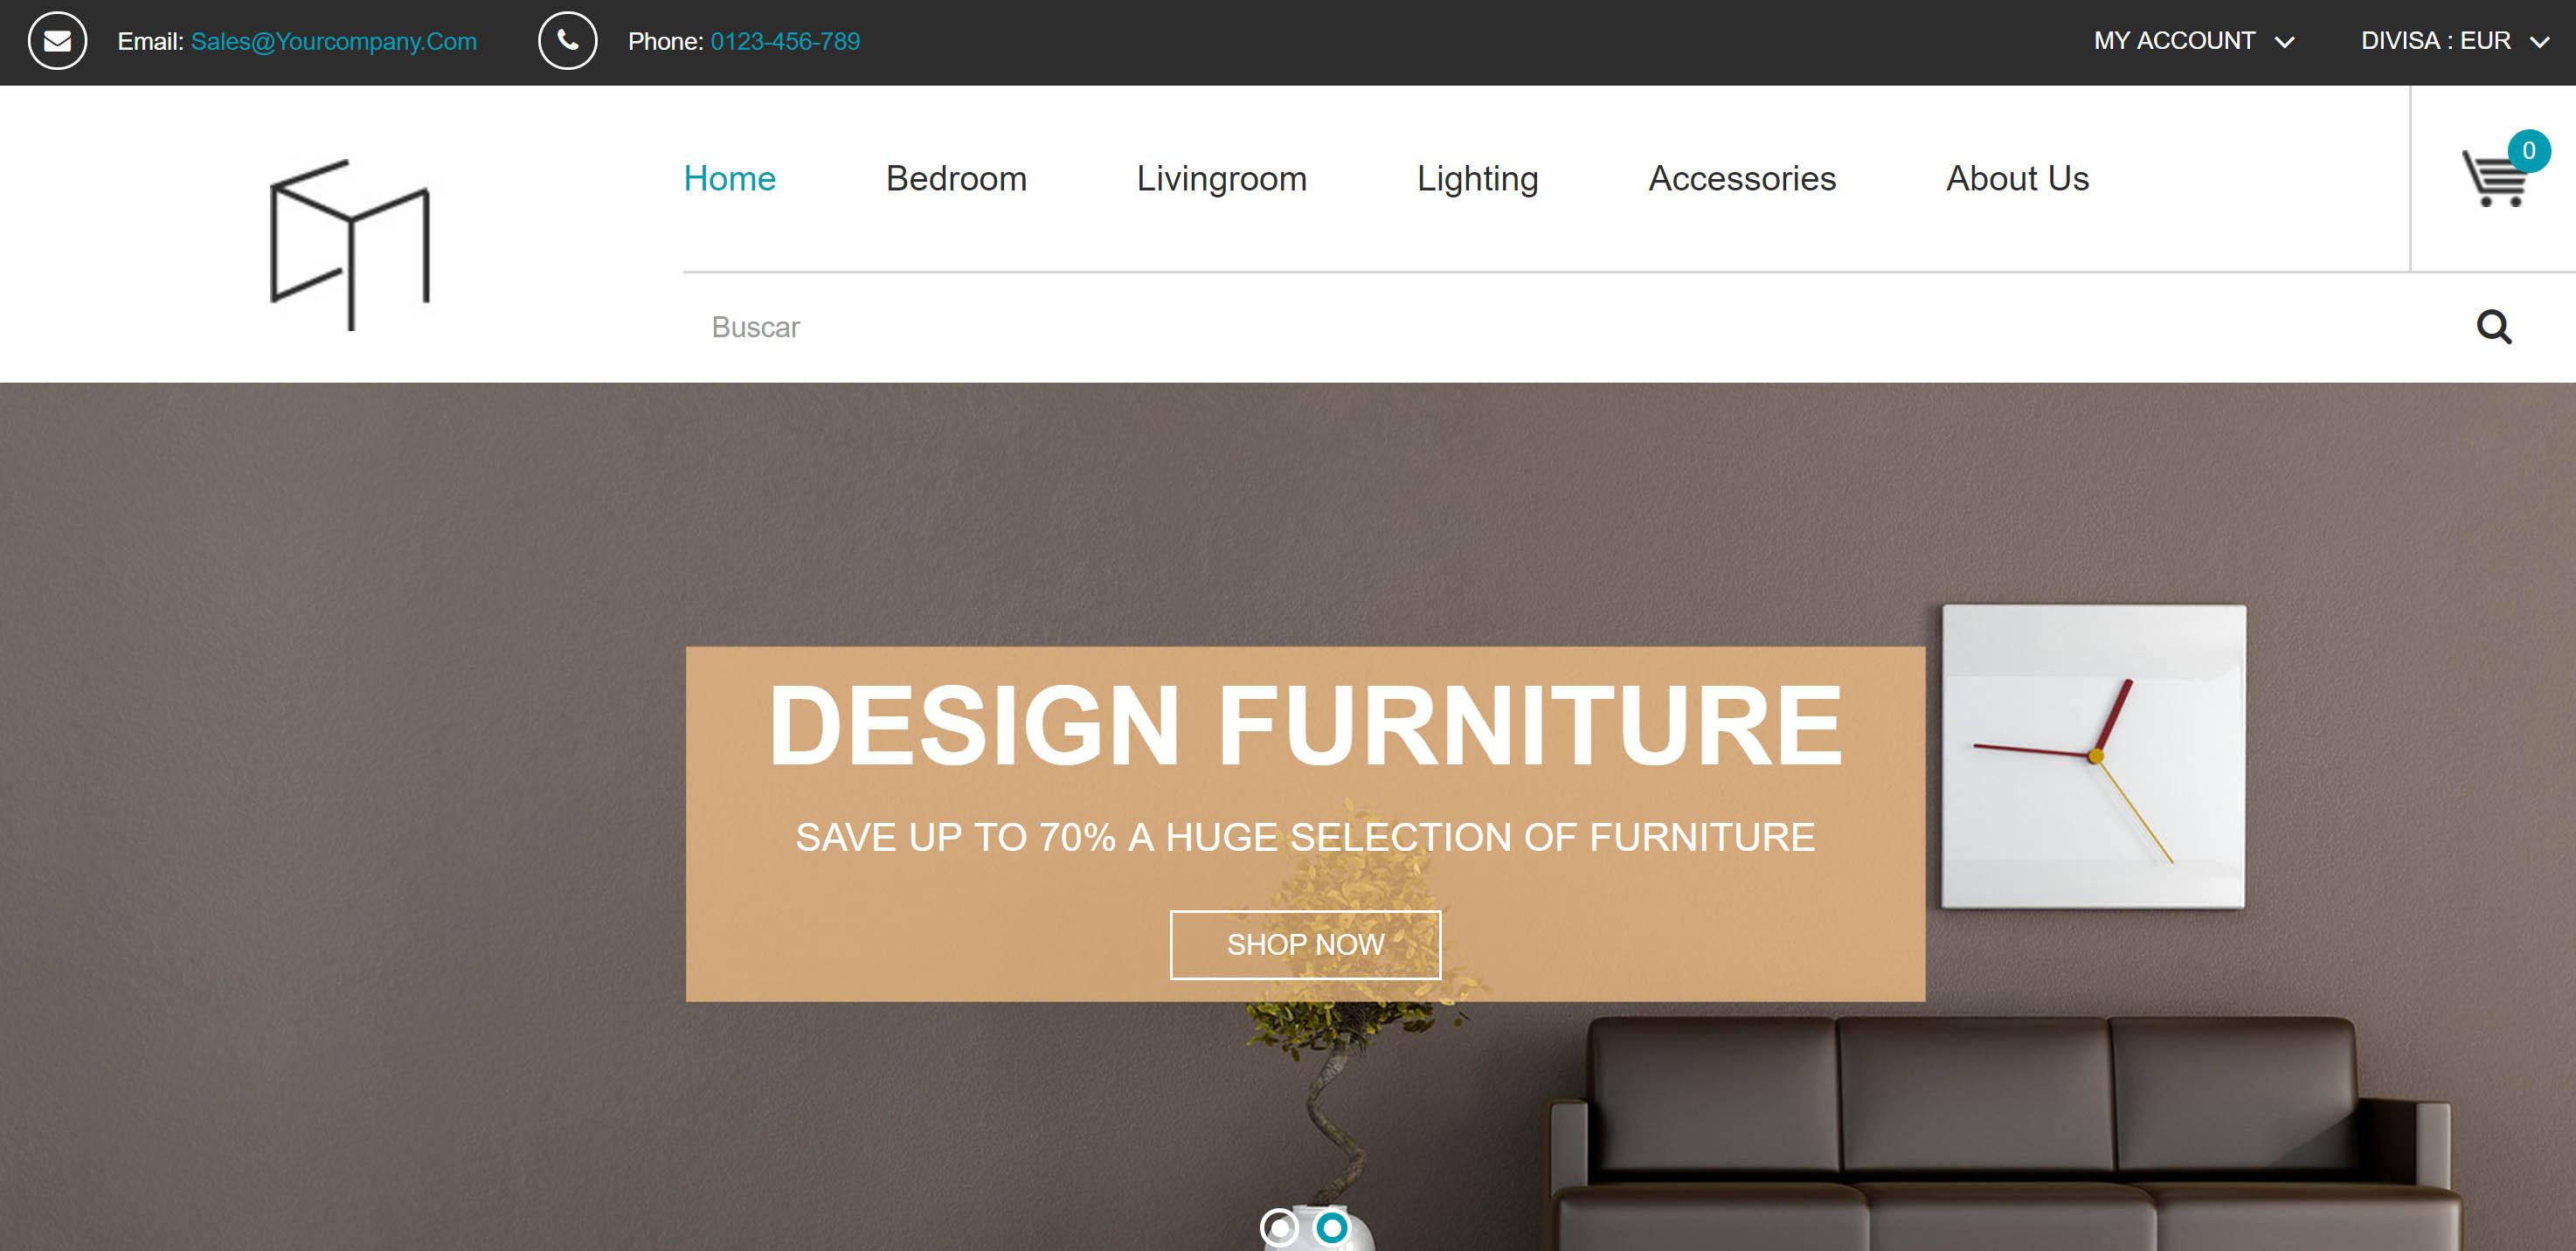 Dise o para una tienda online de muebles y decoraci n for Portico muebles catalogo online